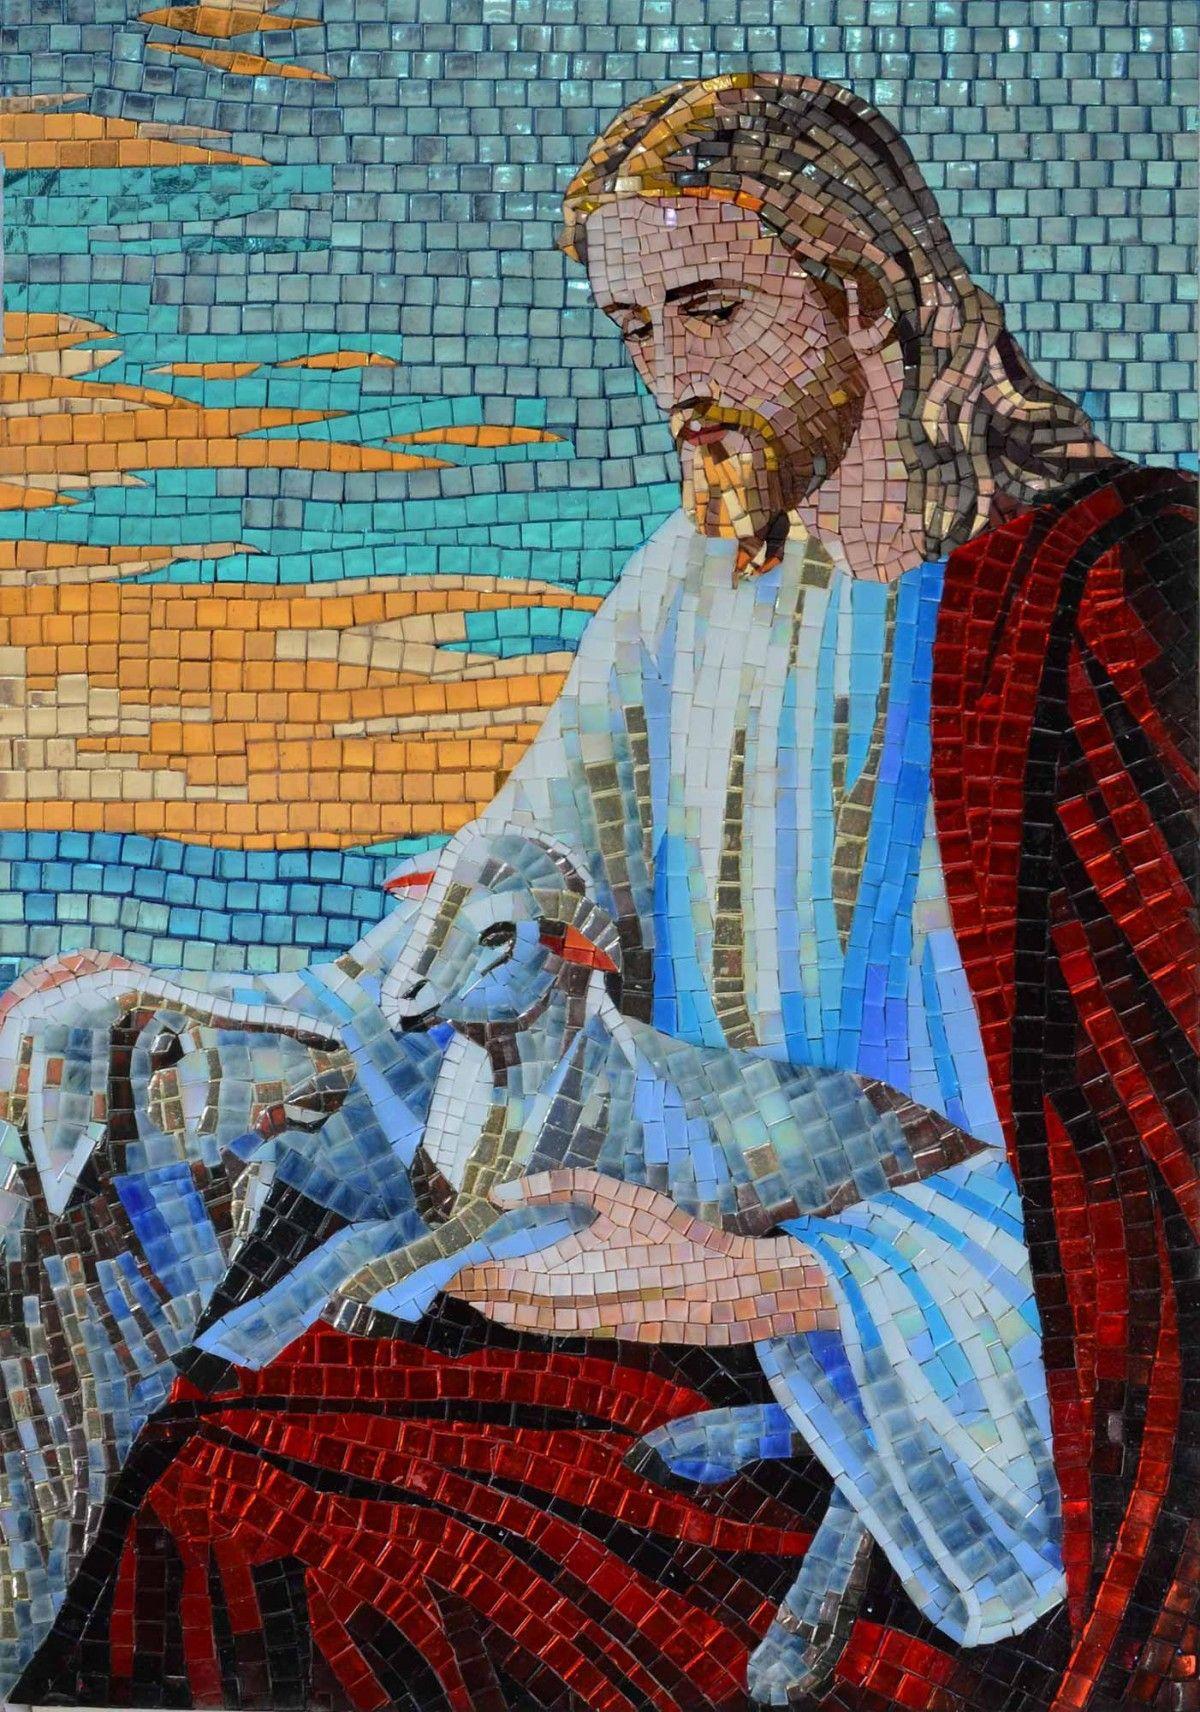 Etiqueta Acento De Cuero - Romano Etiqueta De Mosaico Por Vida Vida WcmOB5